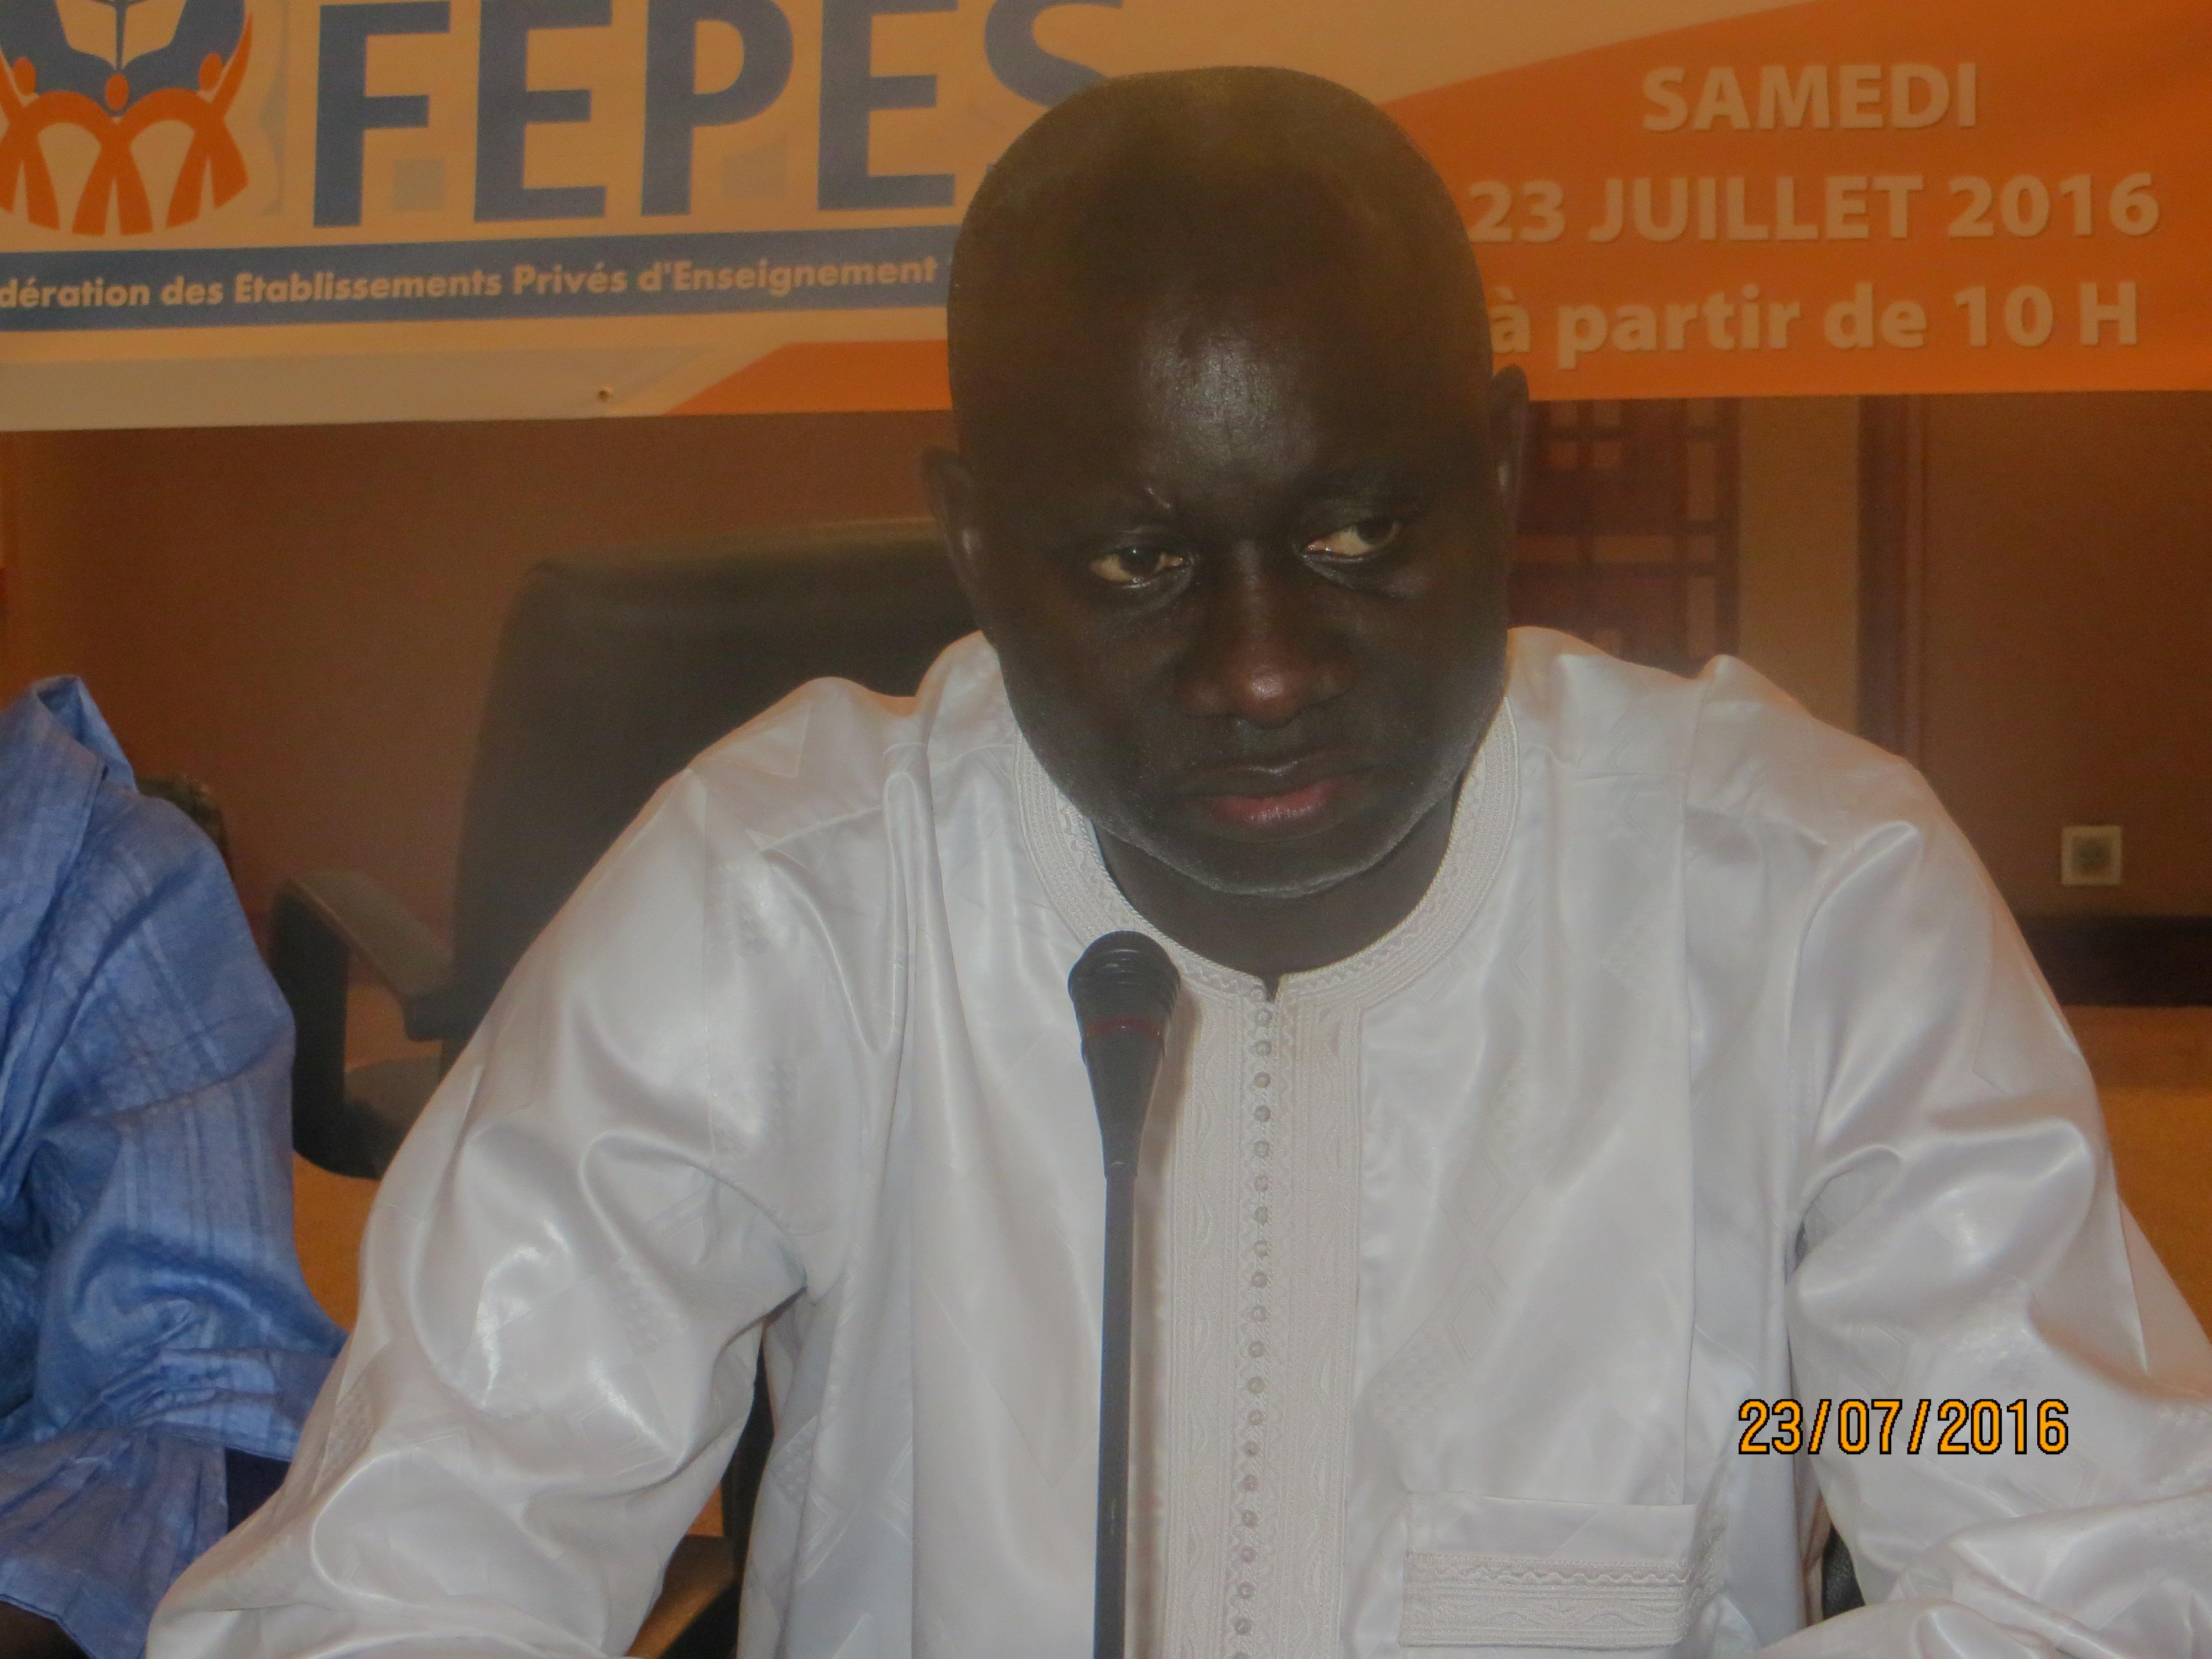 Fédération des établissements privés d'enseignement supérieur du Sénégal : Le Pdg de l'ISEG, Mamadou Diop, élu président